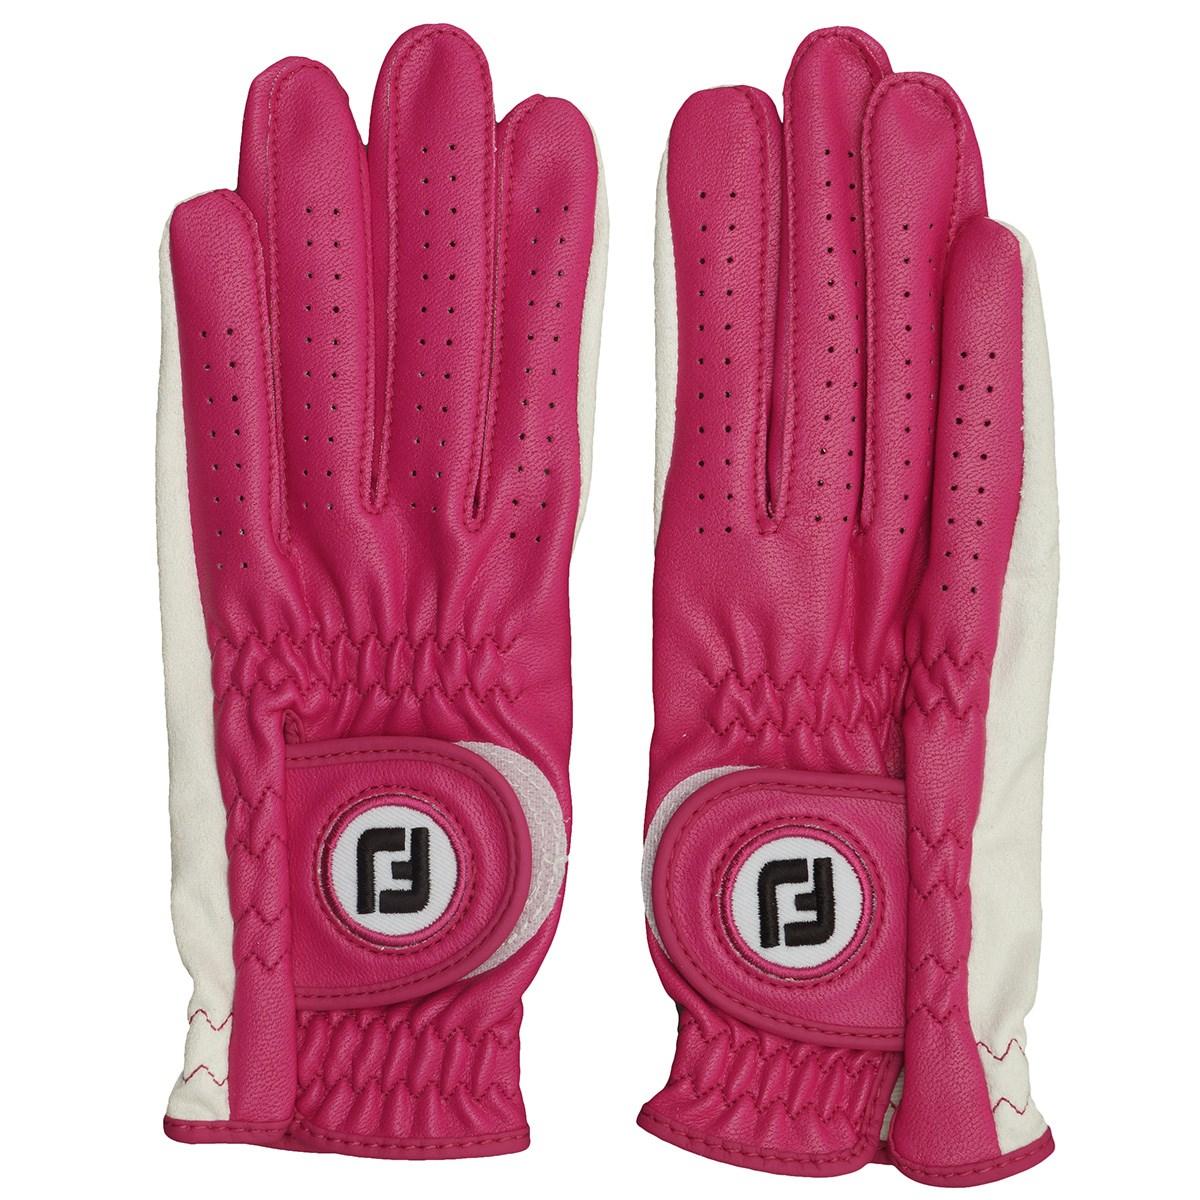 フットジョイ Foot Joy ナノロックレディグローブ 両手用 18cm 両手用 ホワイト/ピンク レディス